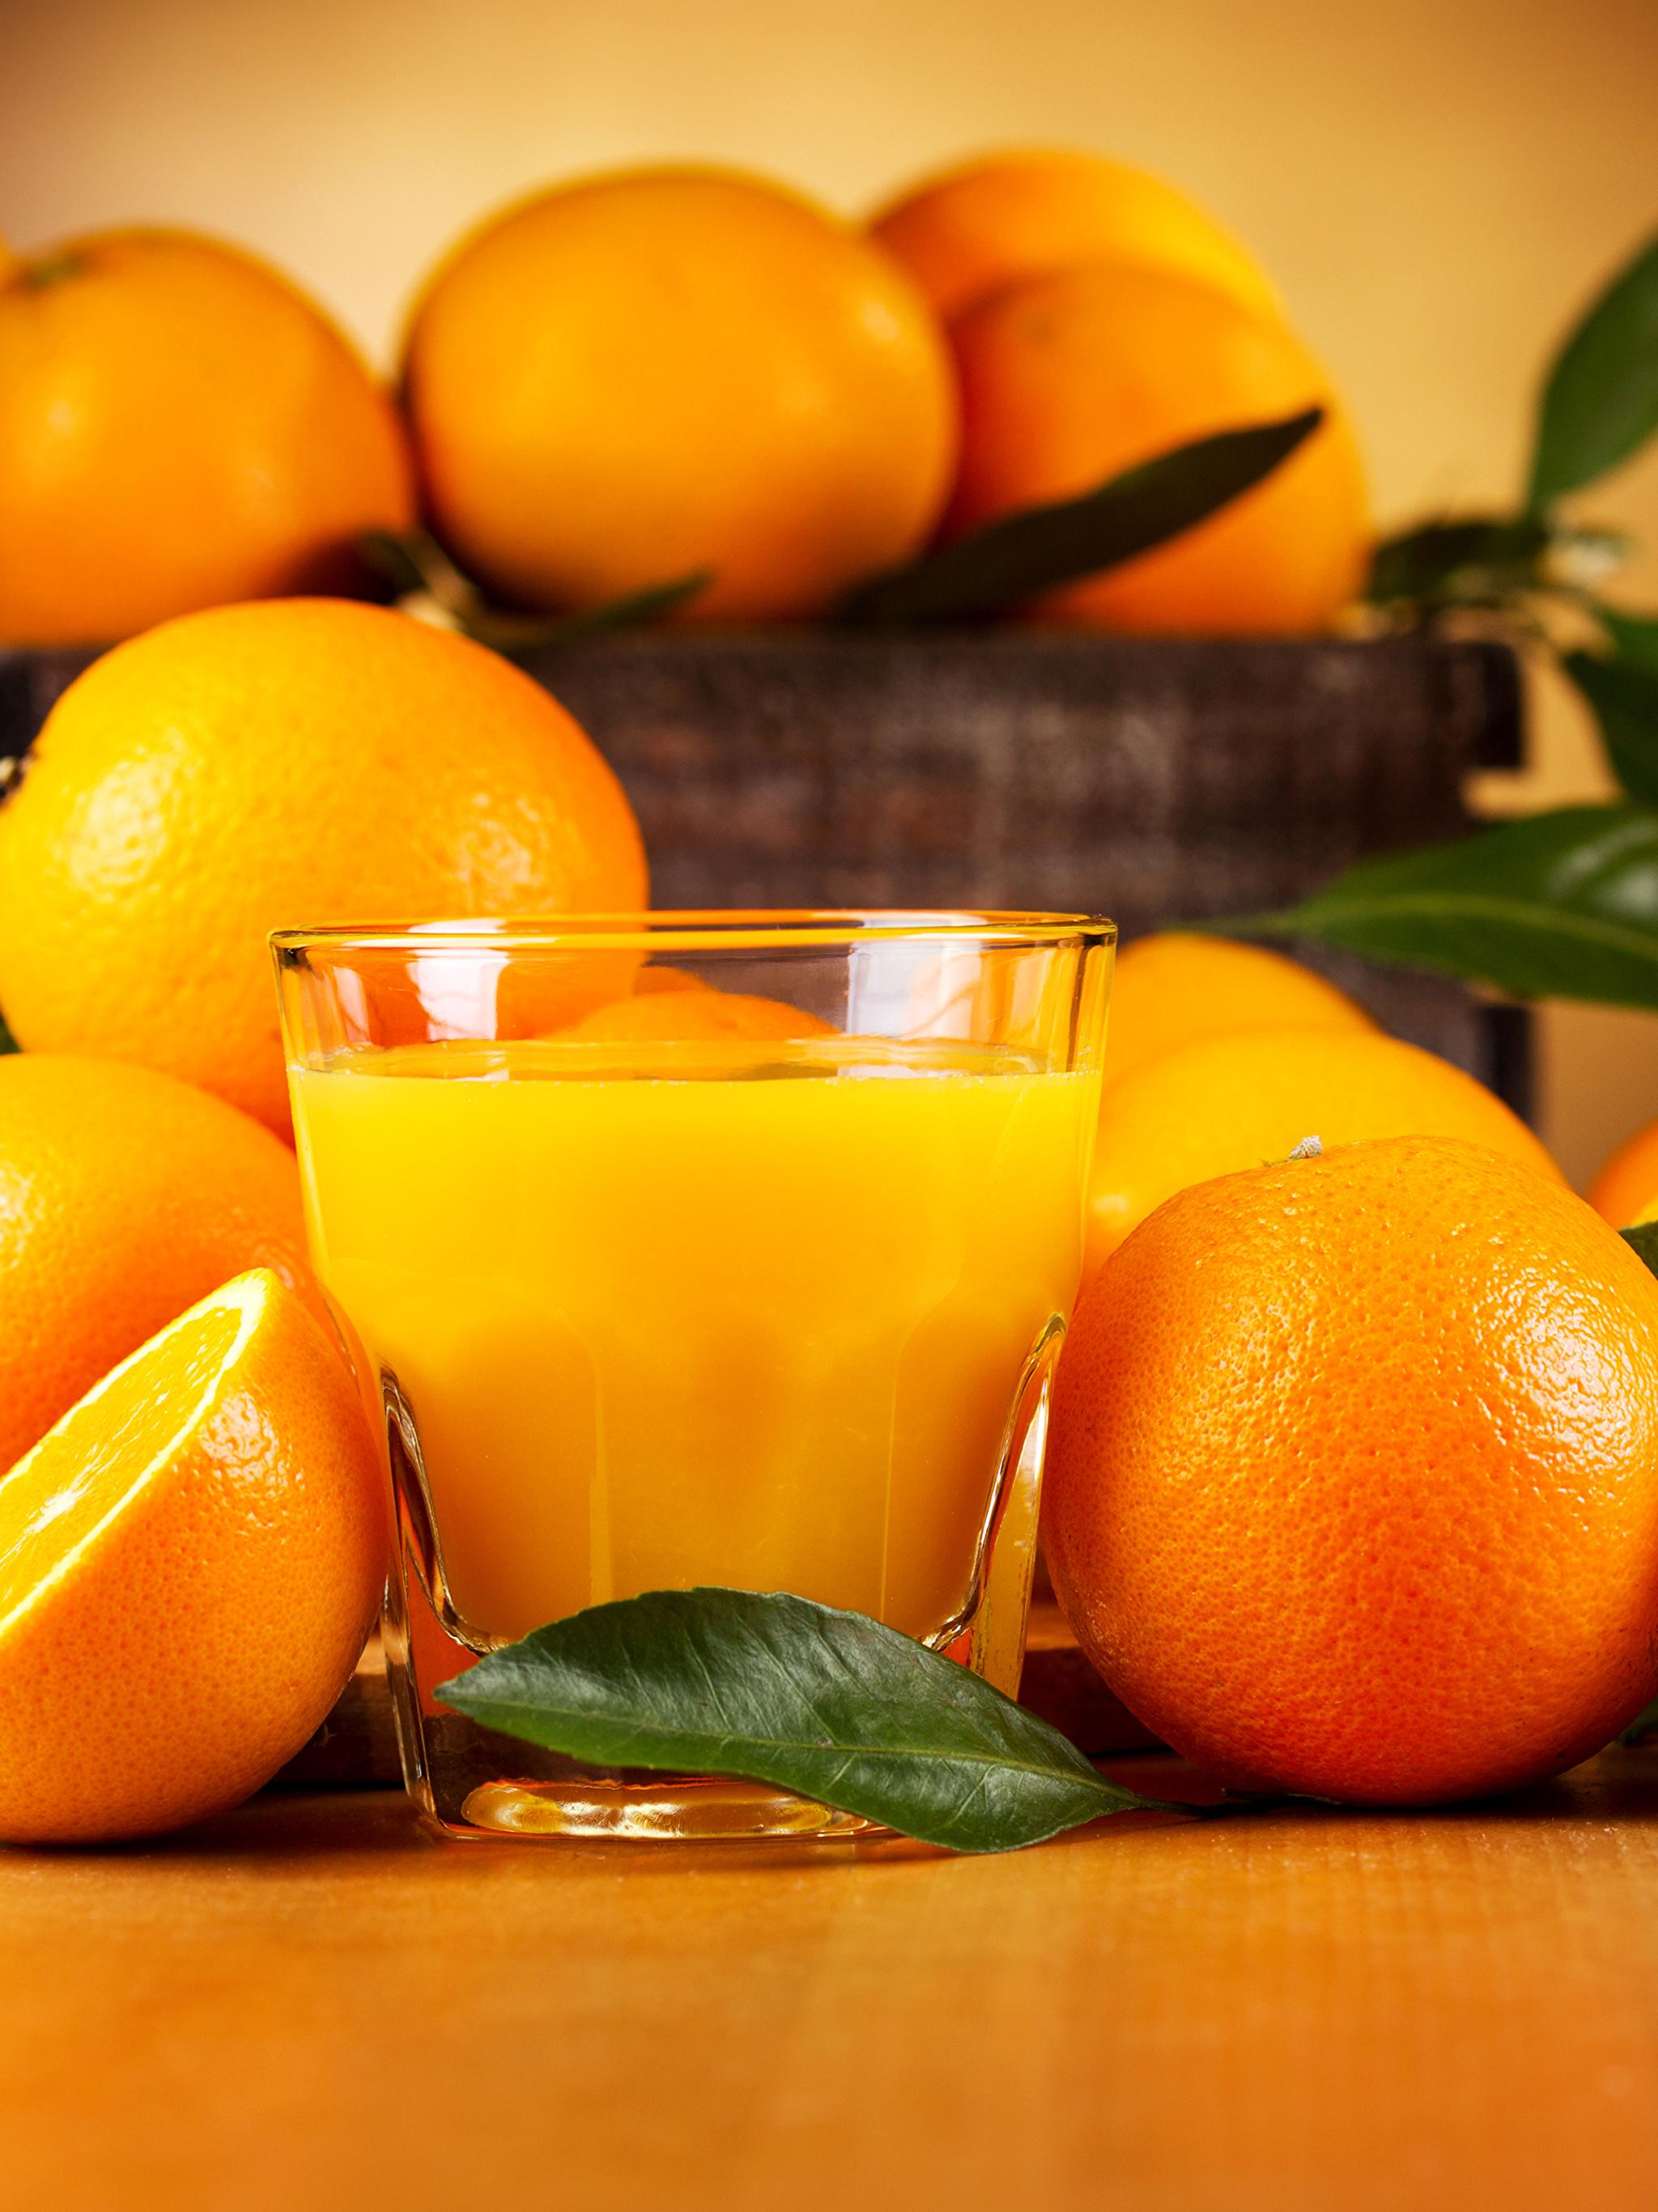 Фото Сок Апельсин стакана Еда Цитрусовые 2048x2732 Стакан стакане Пища Продукты питания